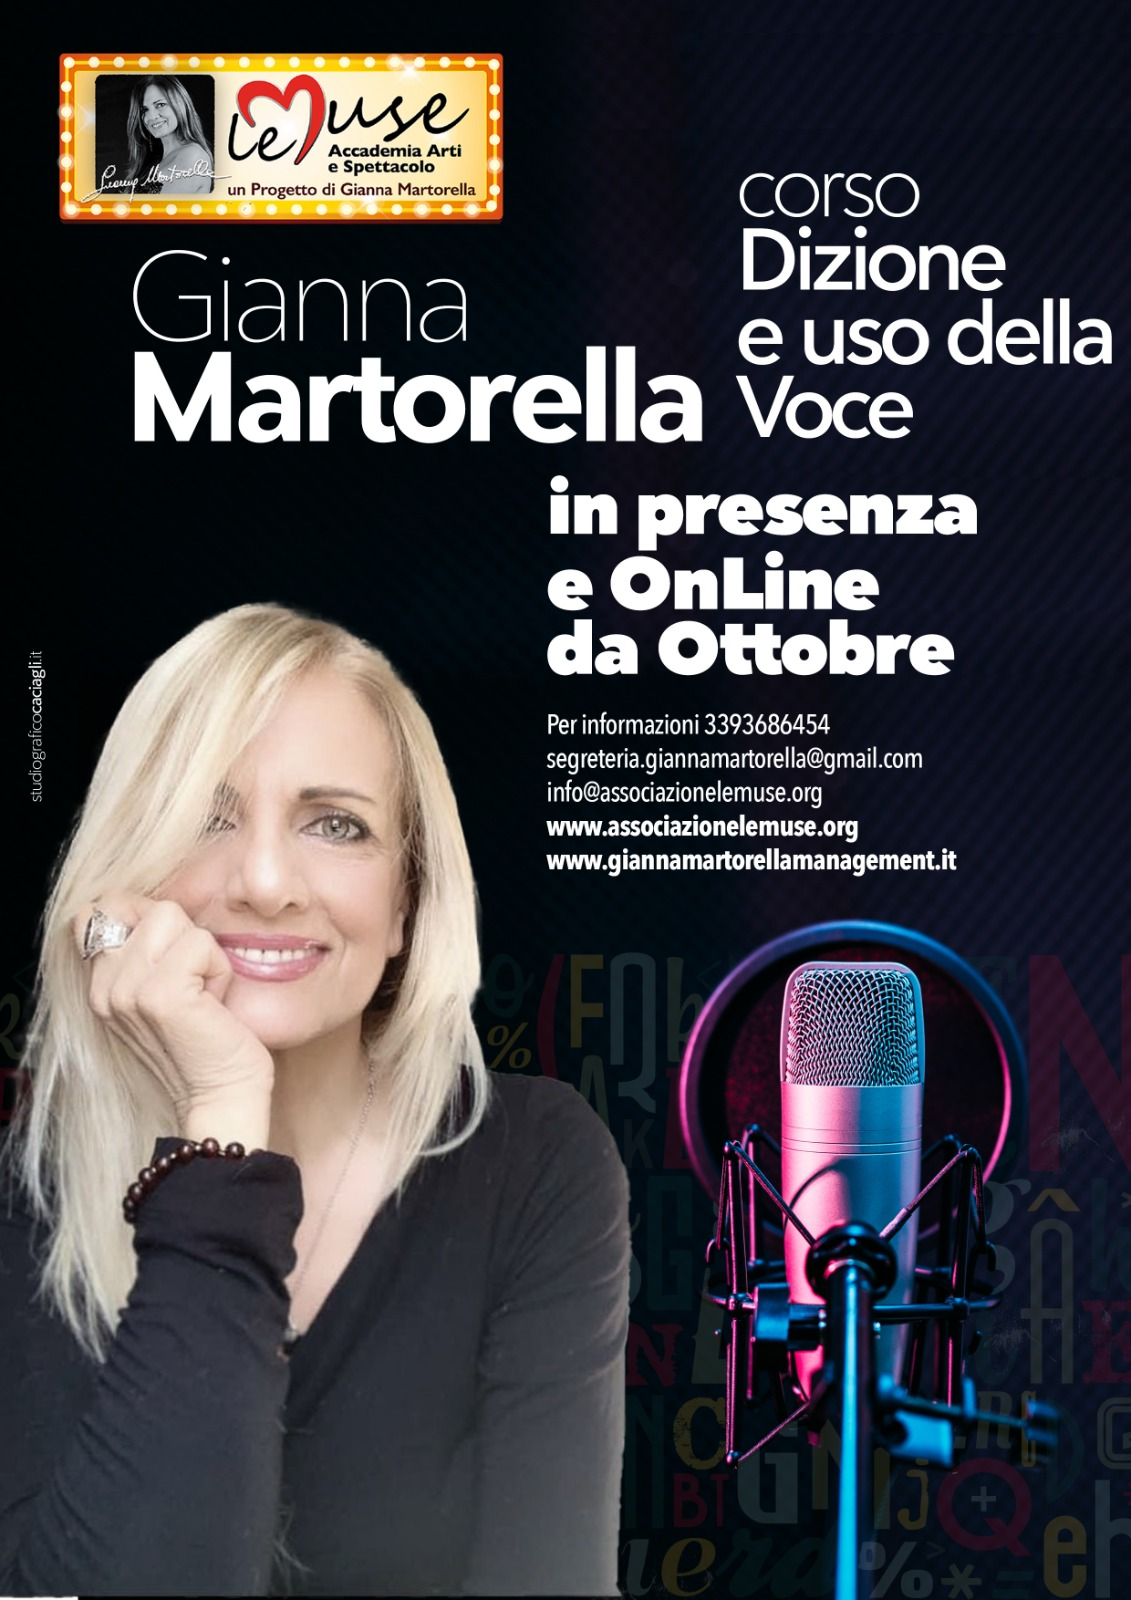 Corso di dizione con Gianna Martorella